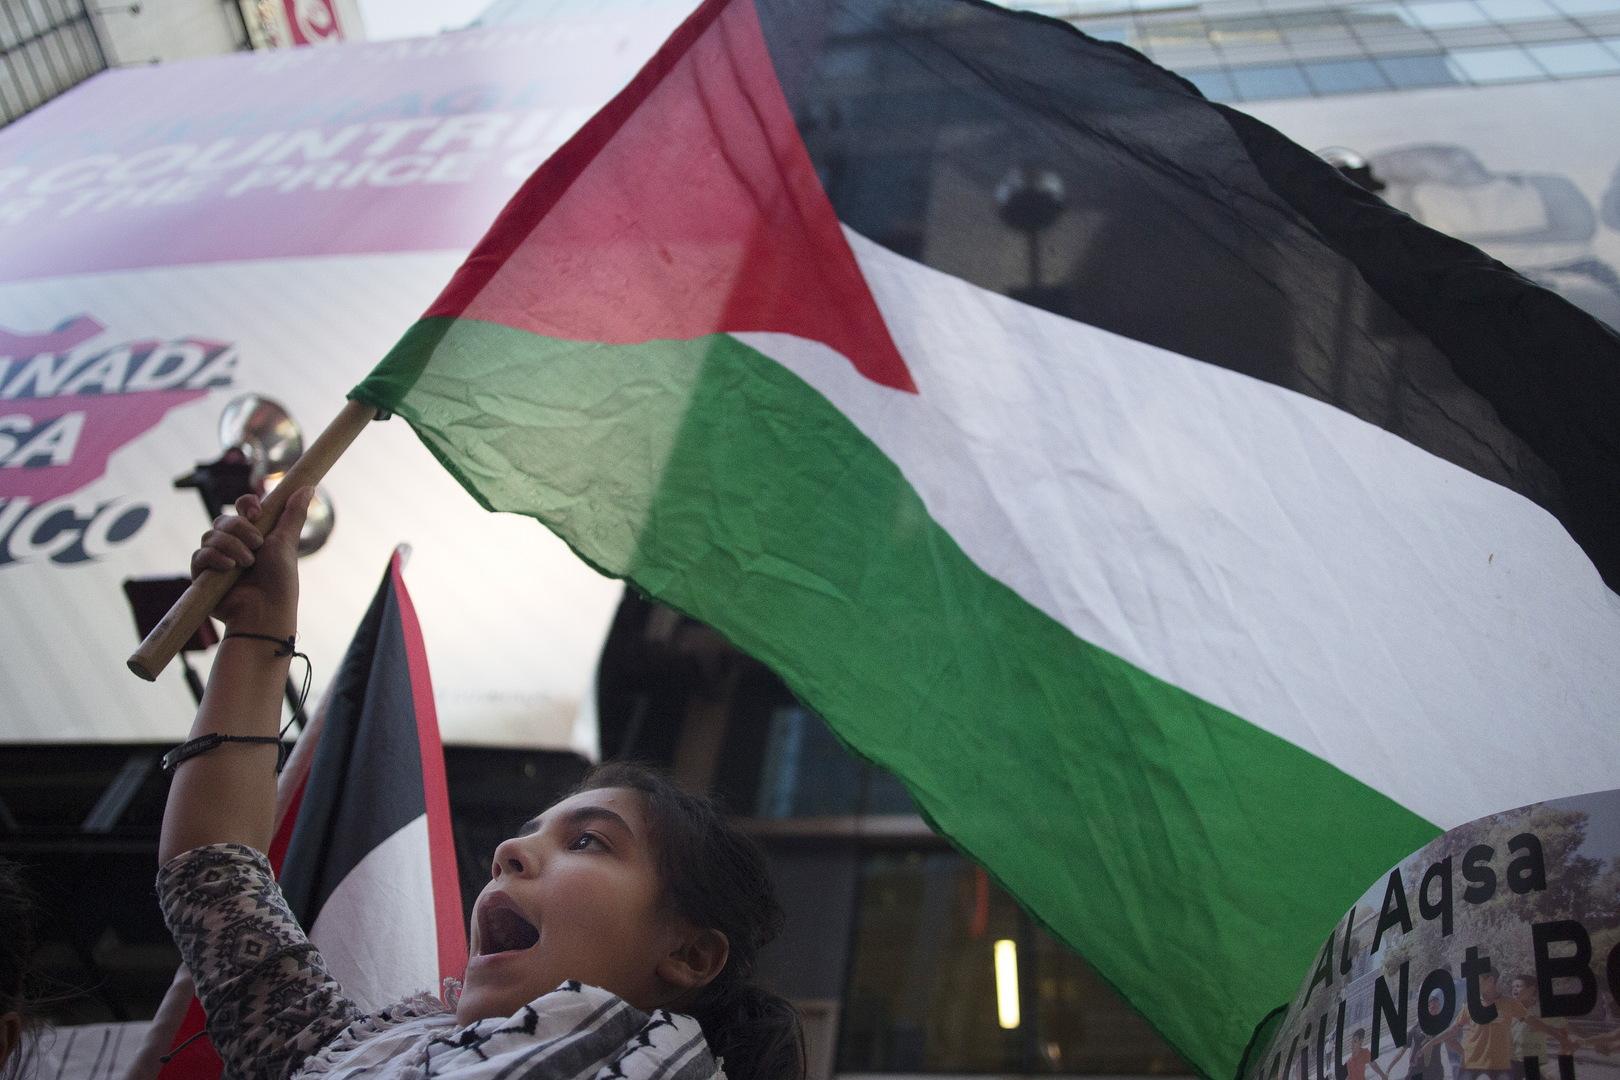 داخلية غزة: تتحمل قوة حماة الثغور المسؤولية عن مقتل أبو زايد وتلتزم بكل ما يترتب على ذلك